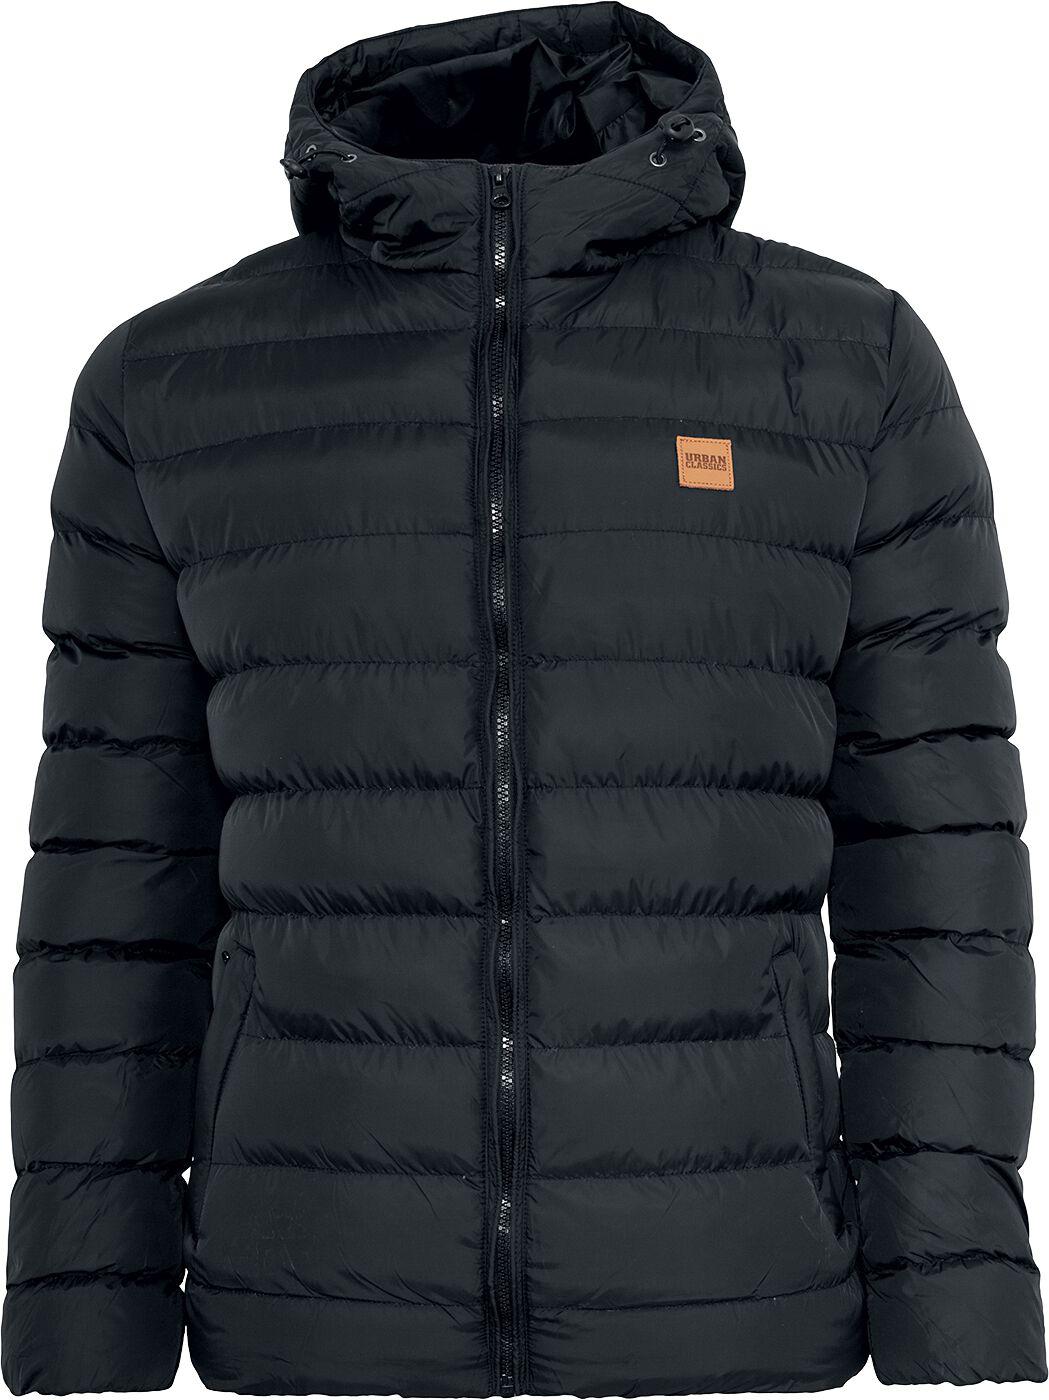 Image of   Urban Classics Basic Bubble Jacket Jakke sort